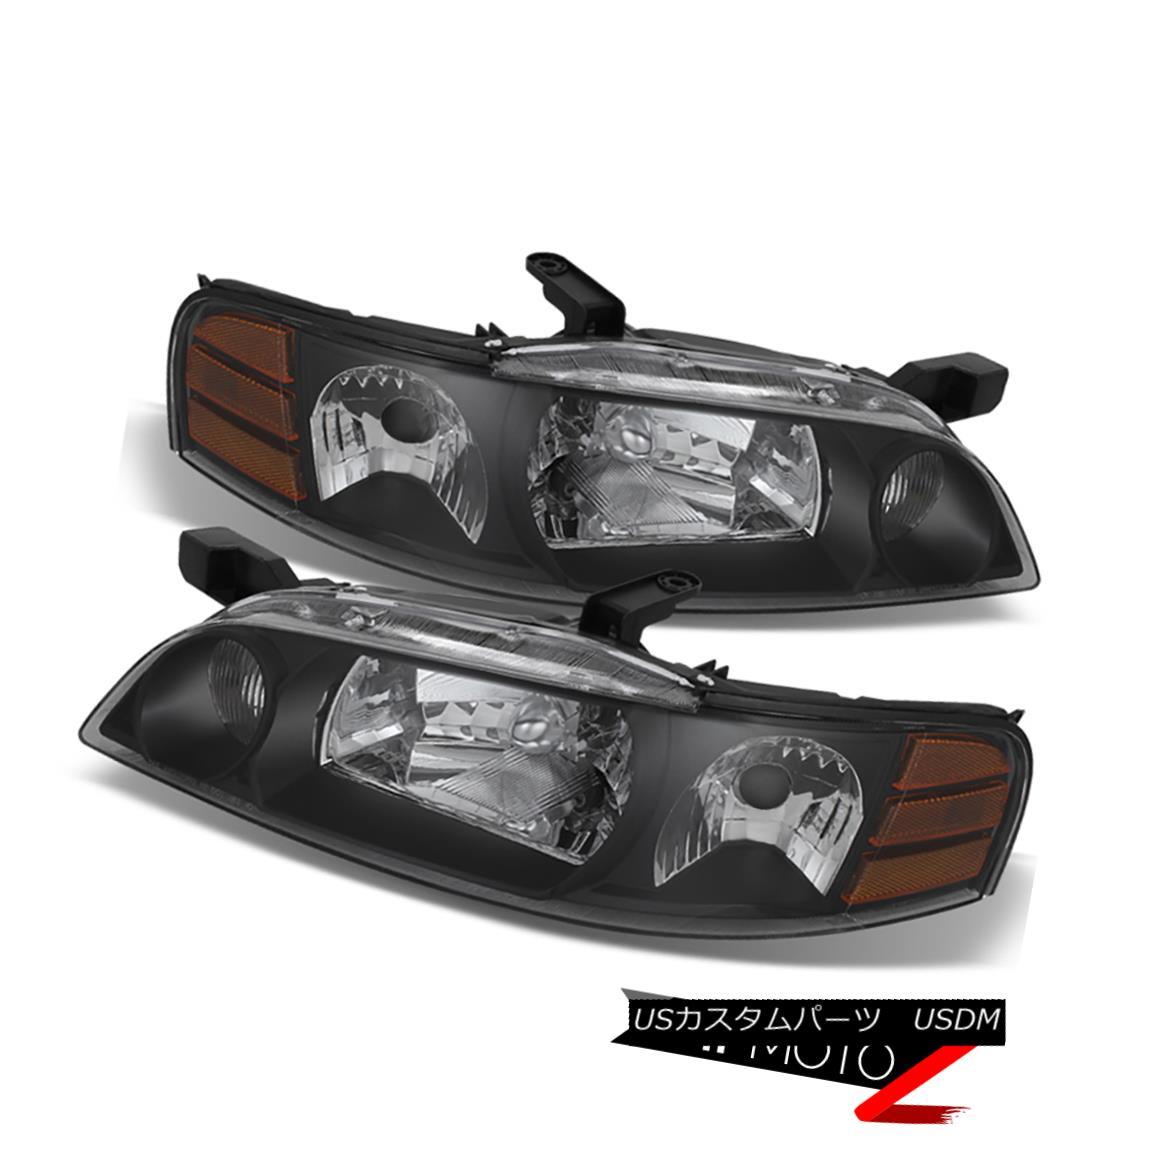 ヘッドライト For 2000 2001 Altima GLE GXE SE XE Black LEFT RIGHT Headlights Assembly JDM 2.4L 2000年のAltima GLE GXE SE XEブラックLEFT RIGHTヘッドライトアセンブリJDM 2.4L